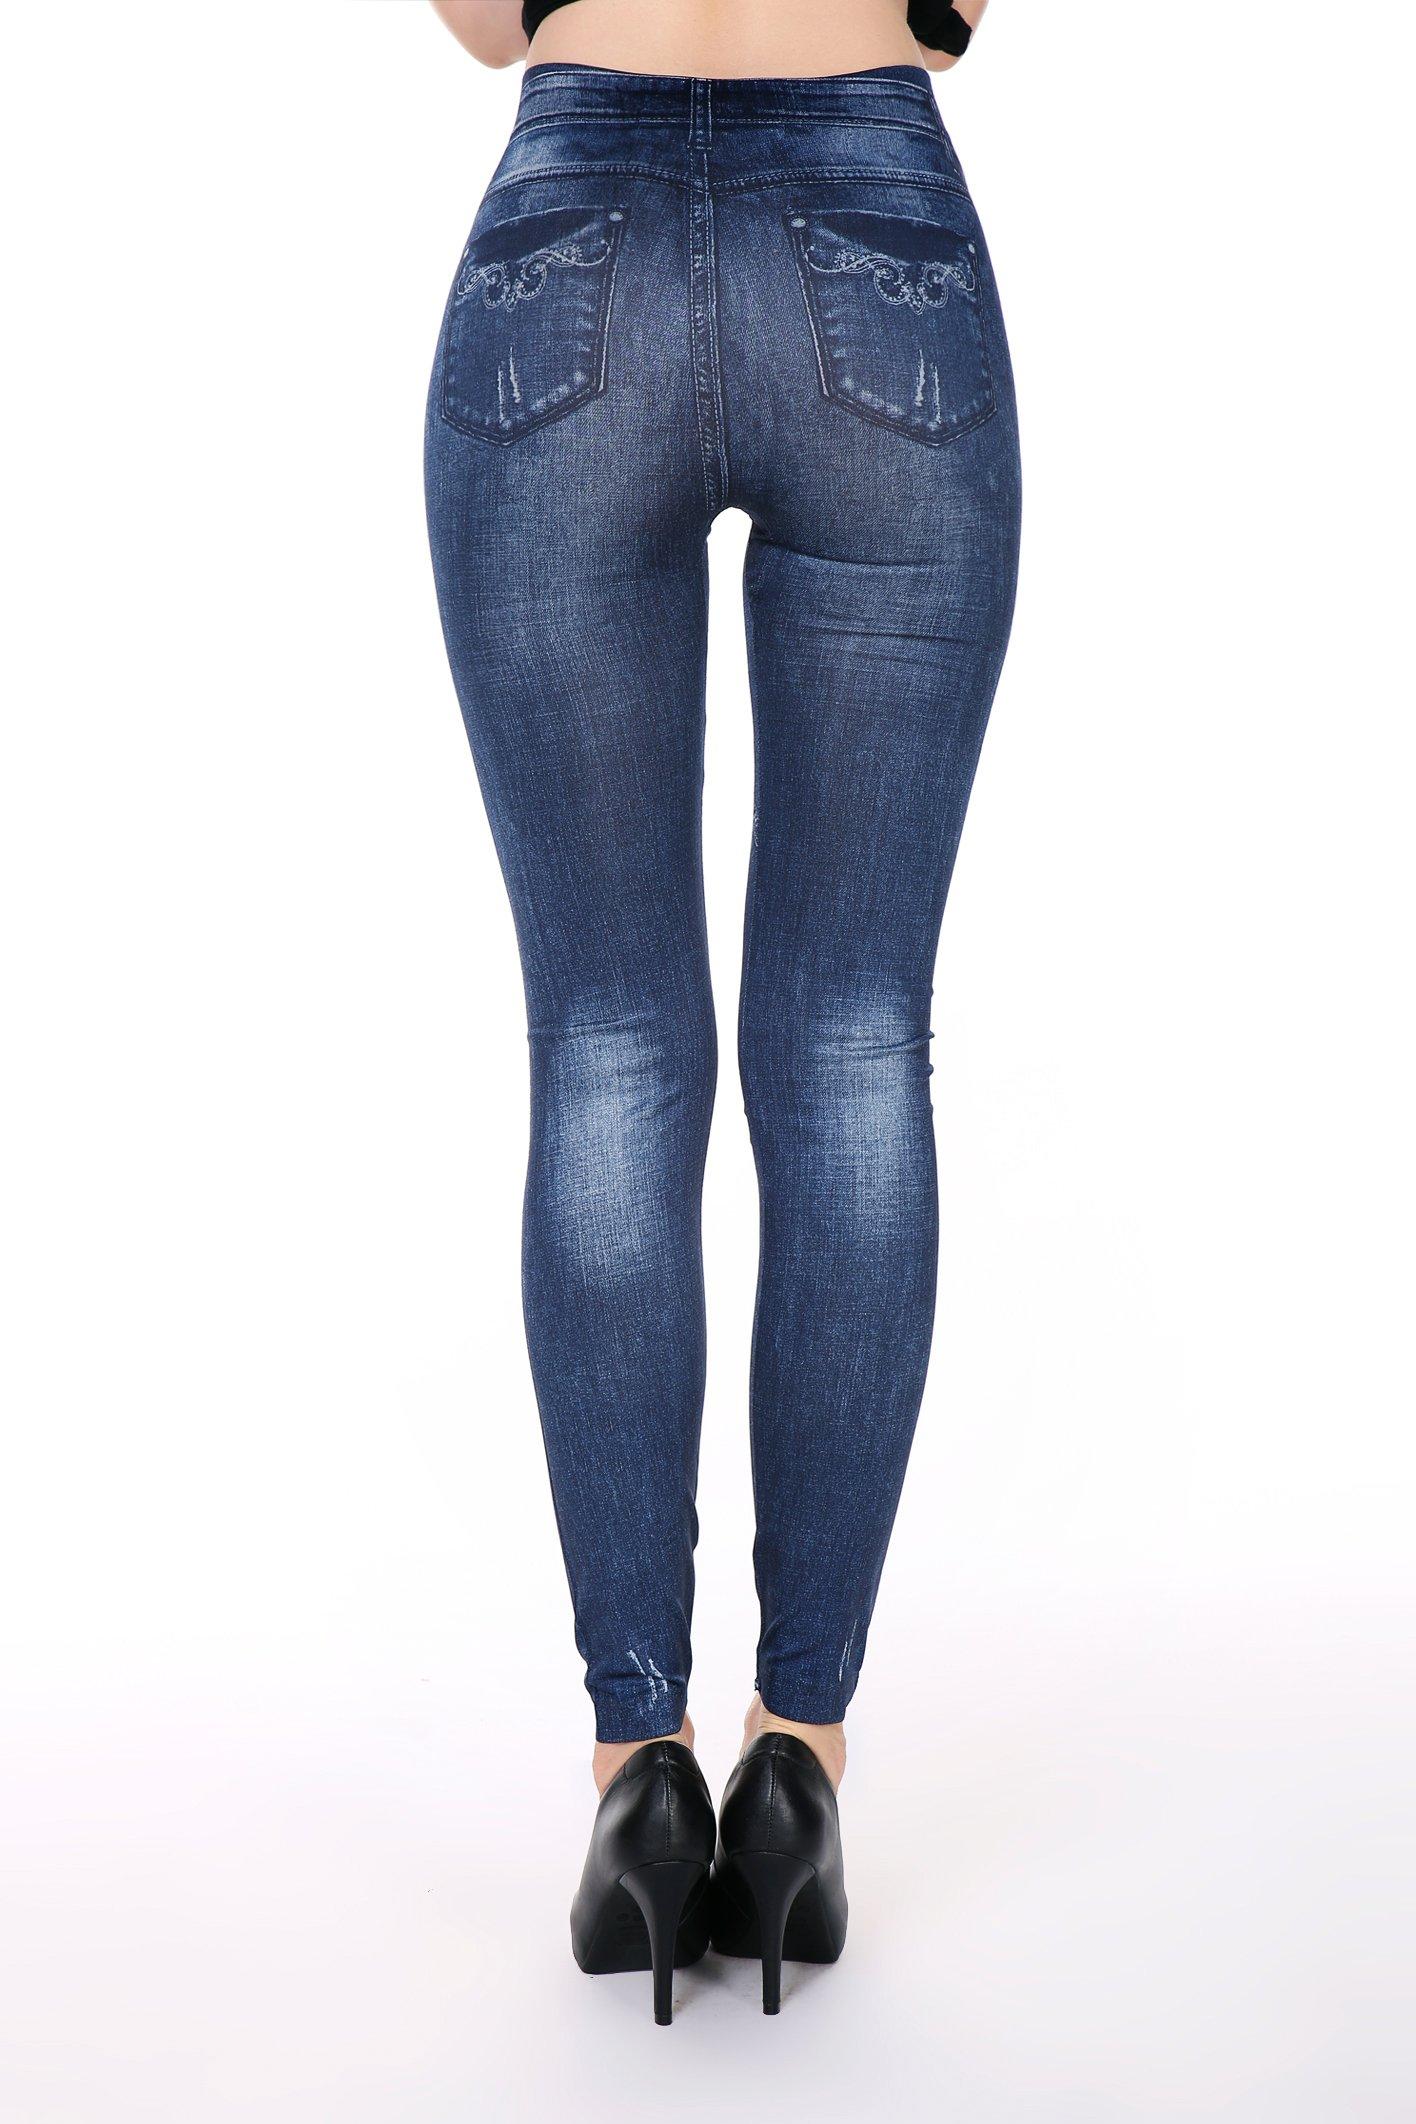 Blue Heart Leggings